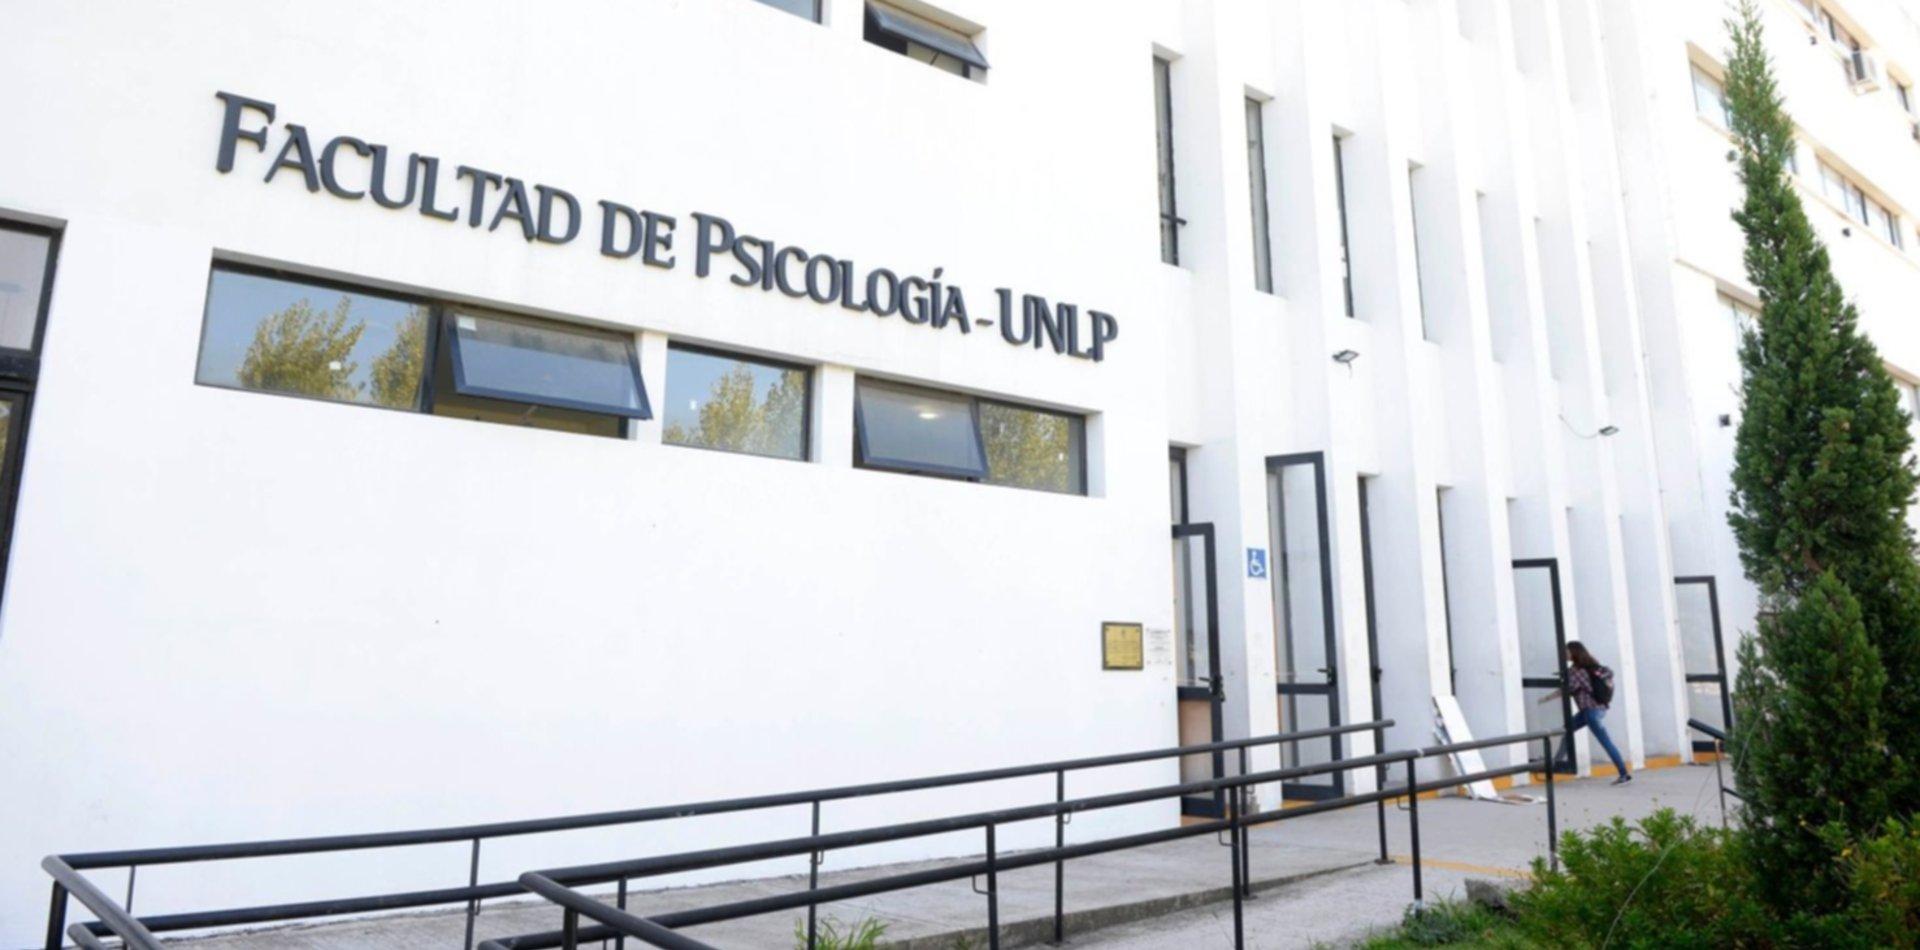 Dos agrupaciones pelean voto a voto la conducción del centro en la Facultad de Psicología